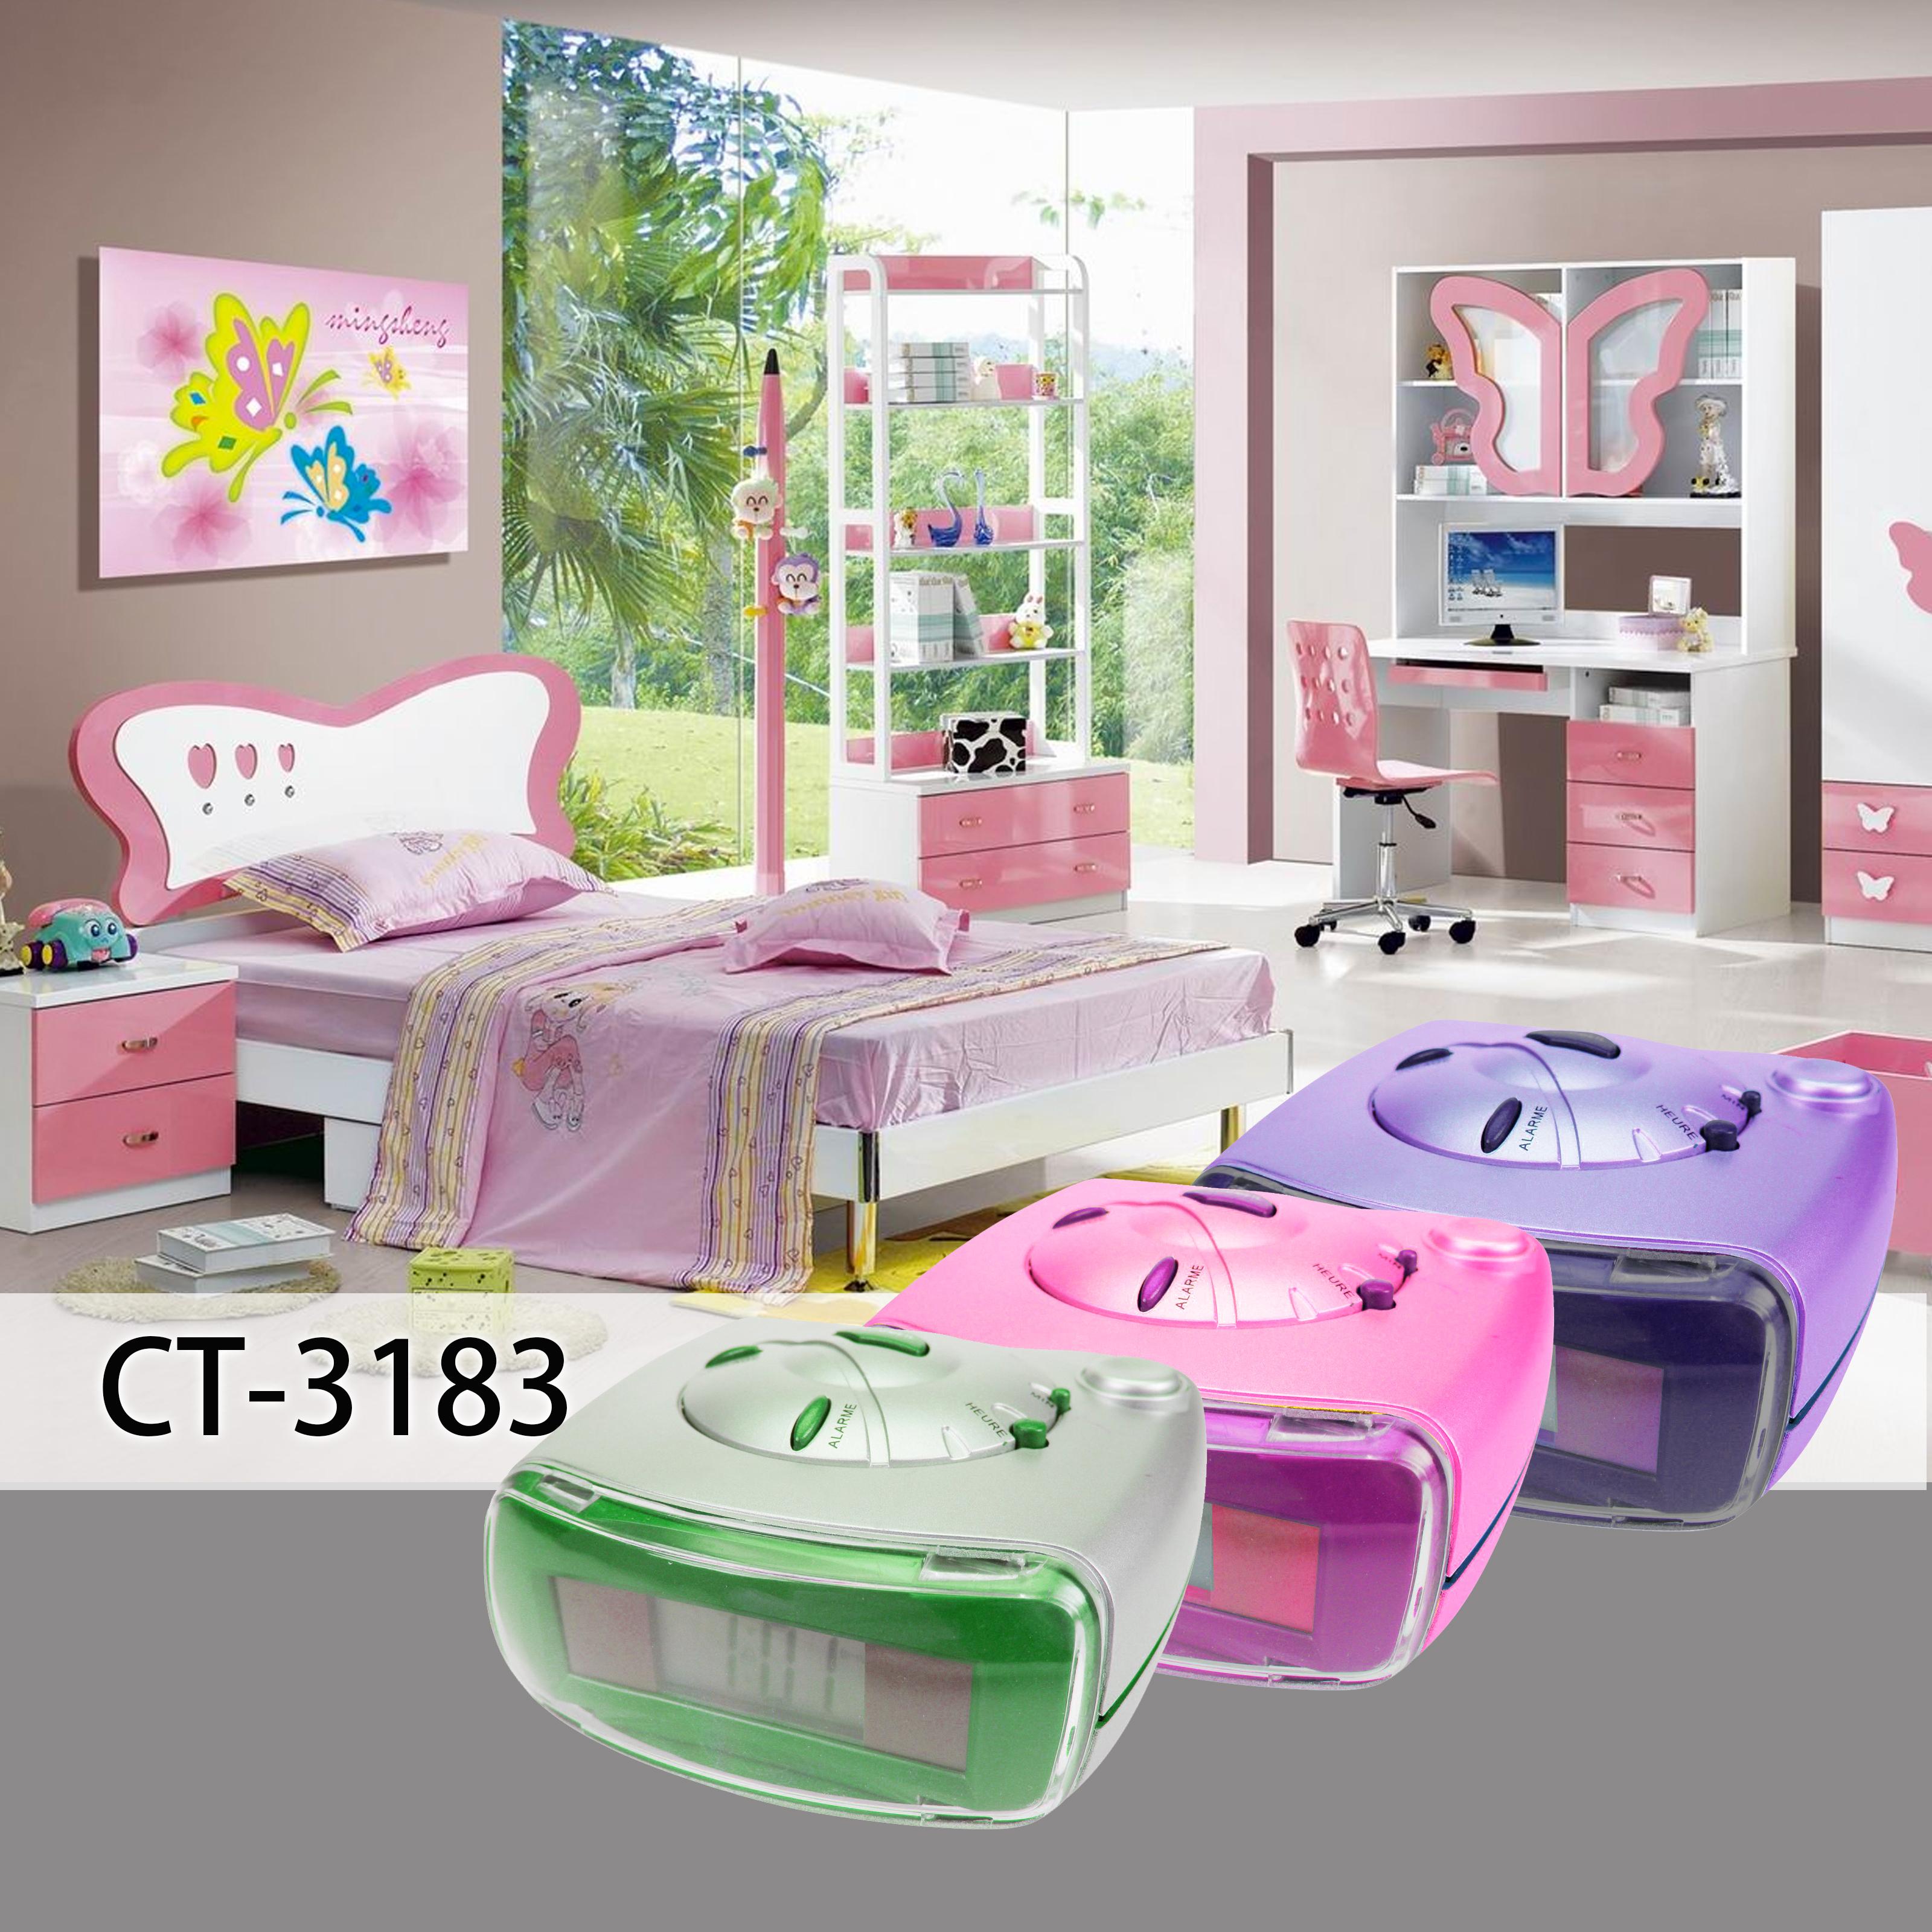 CT-3183 kids.jpg